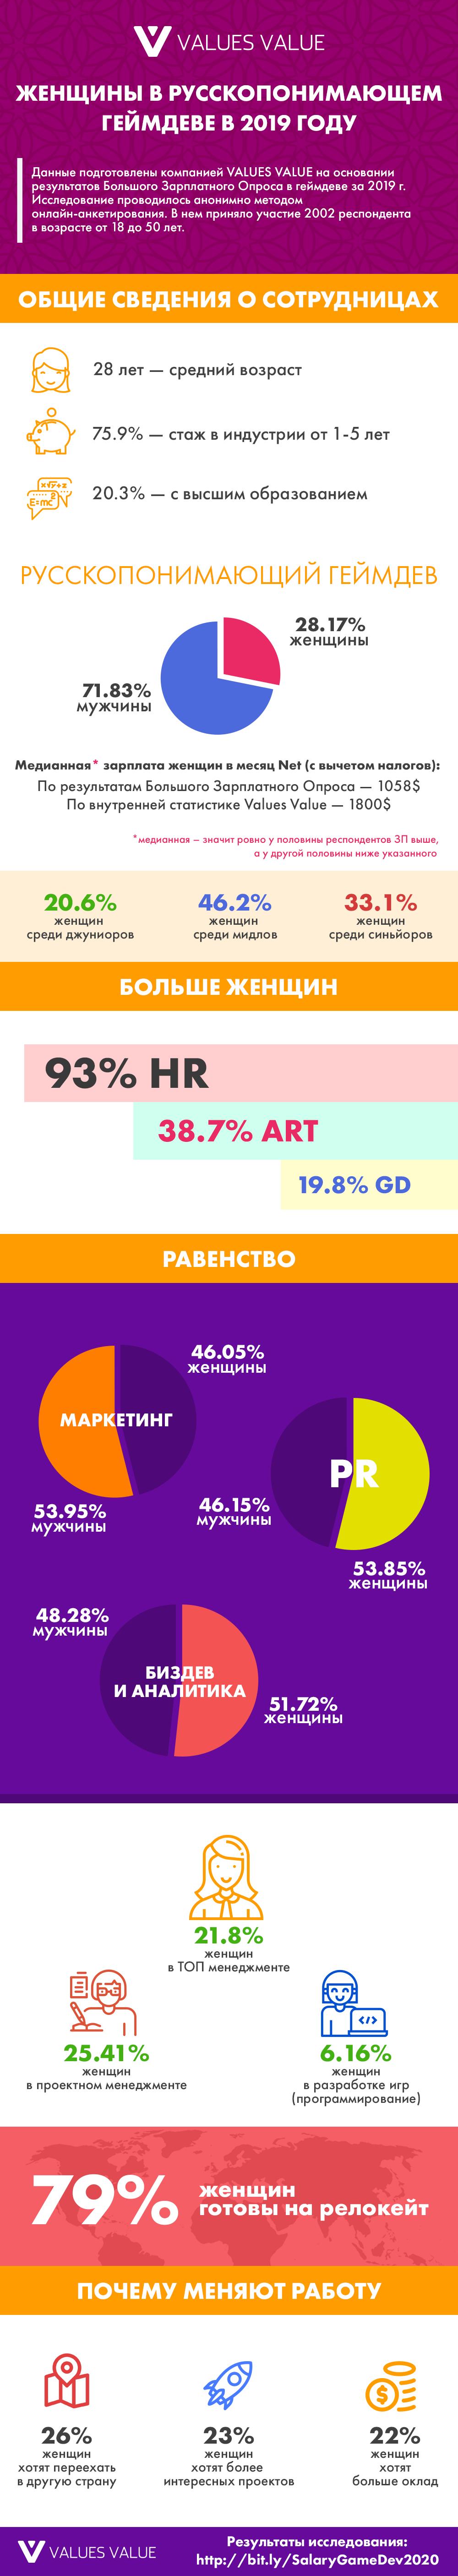 Женщины в русскопонимающем геймдеве в 2019 году: инфографика